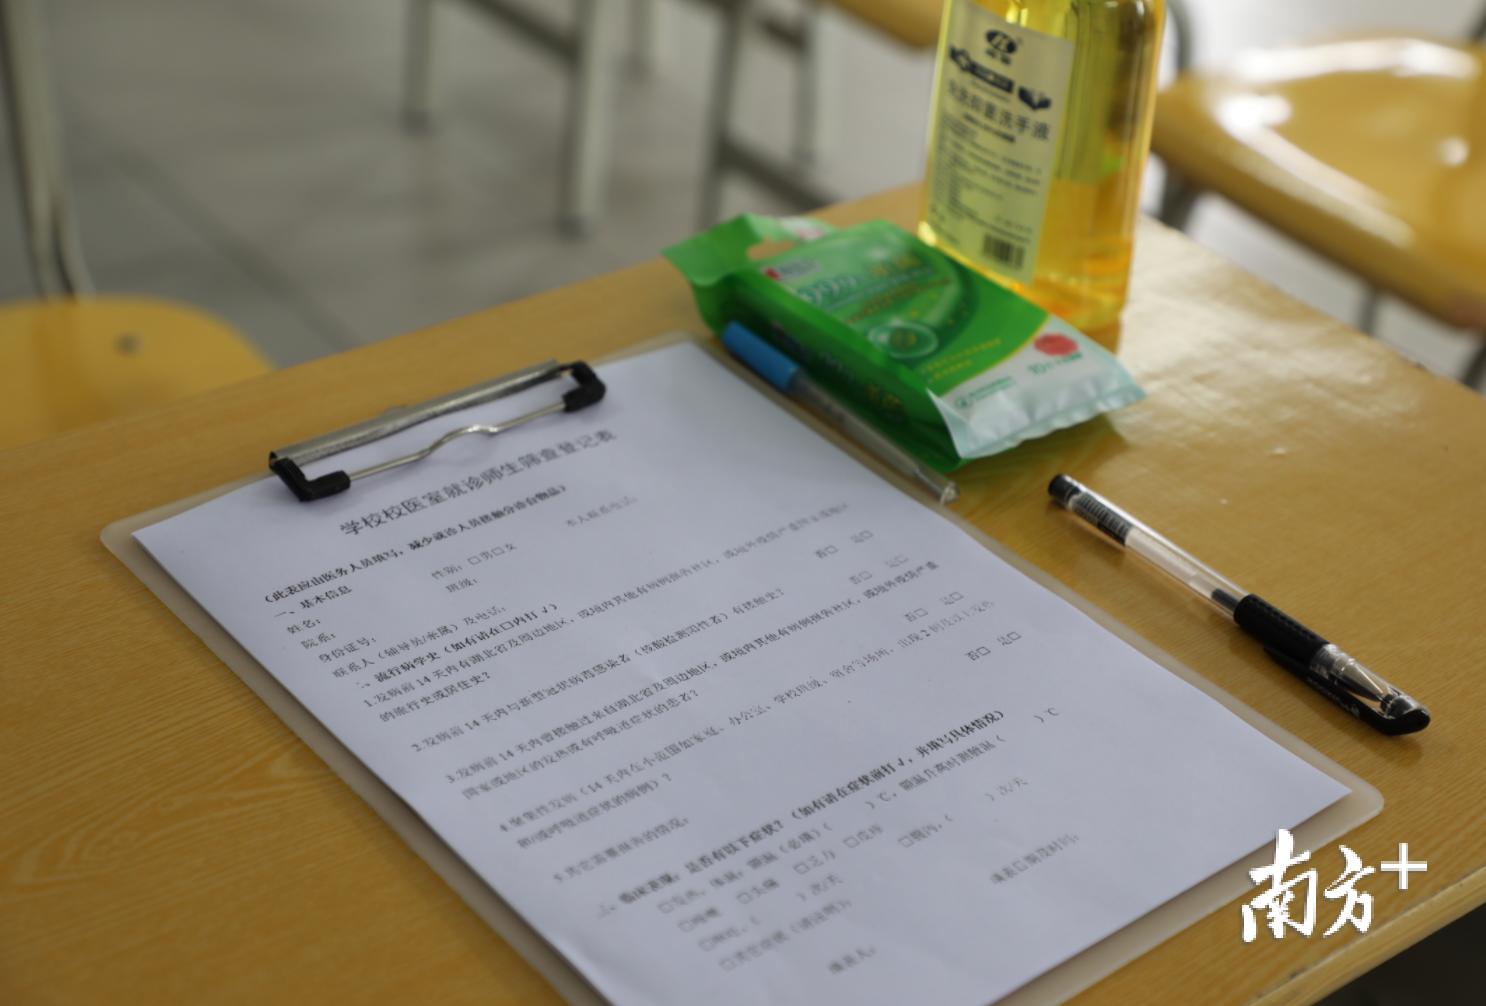 《学校校医室就诊师生筛查登记表》